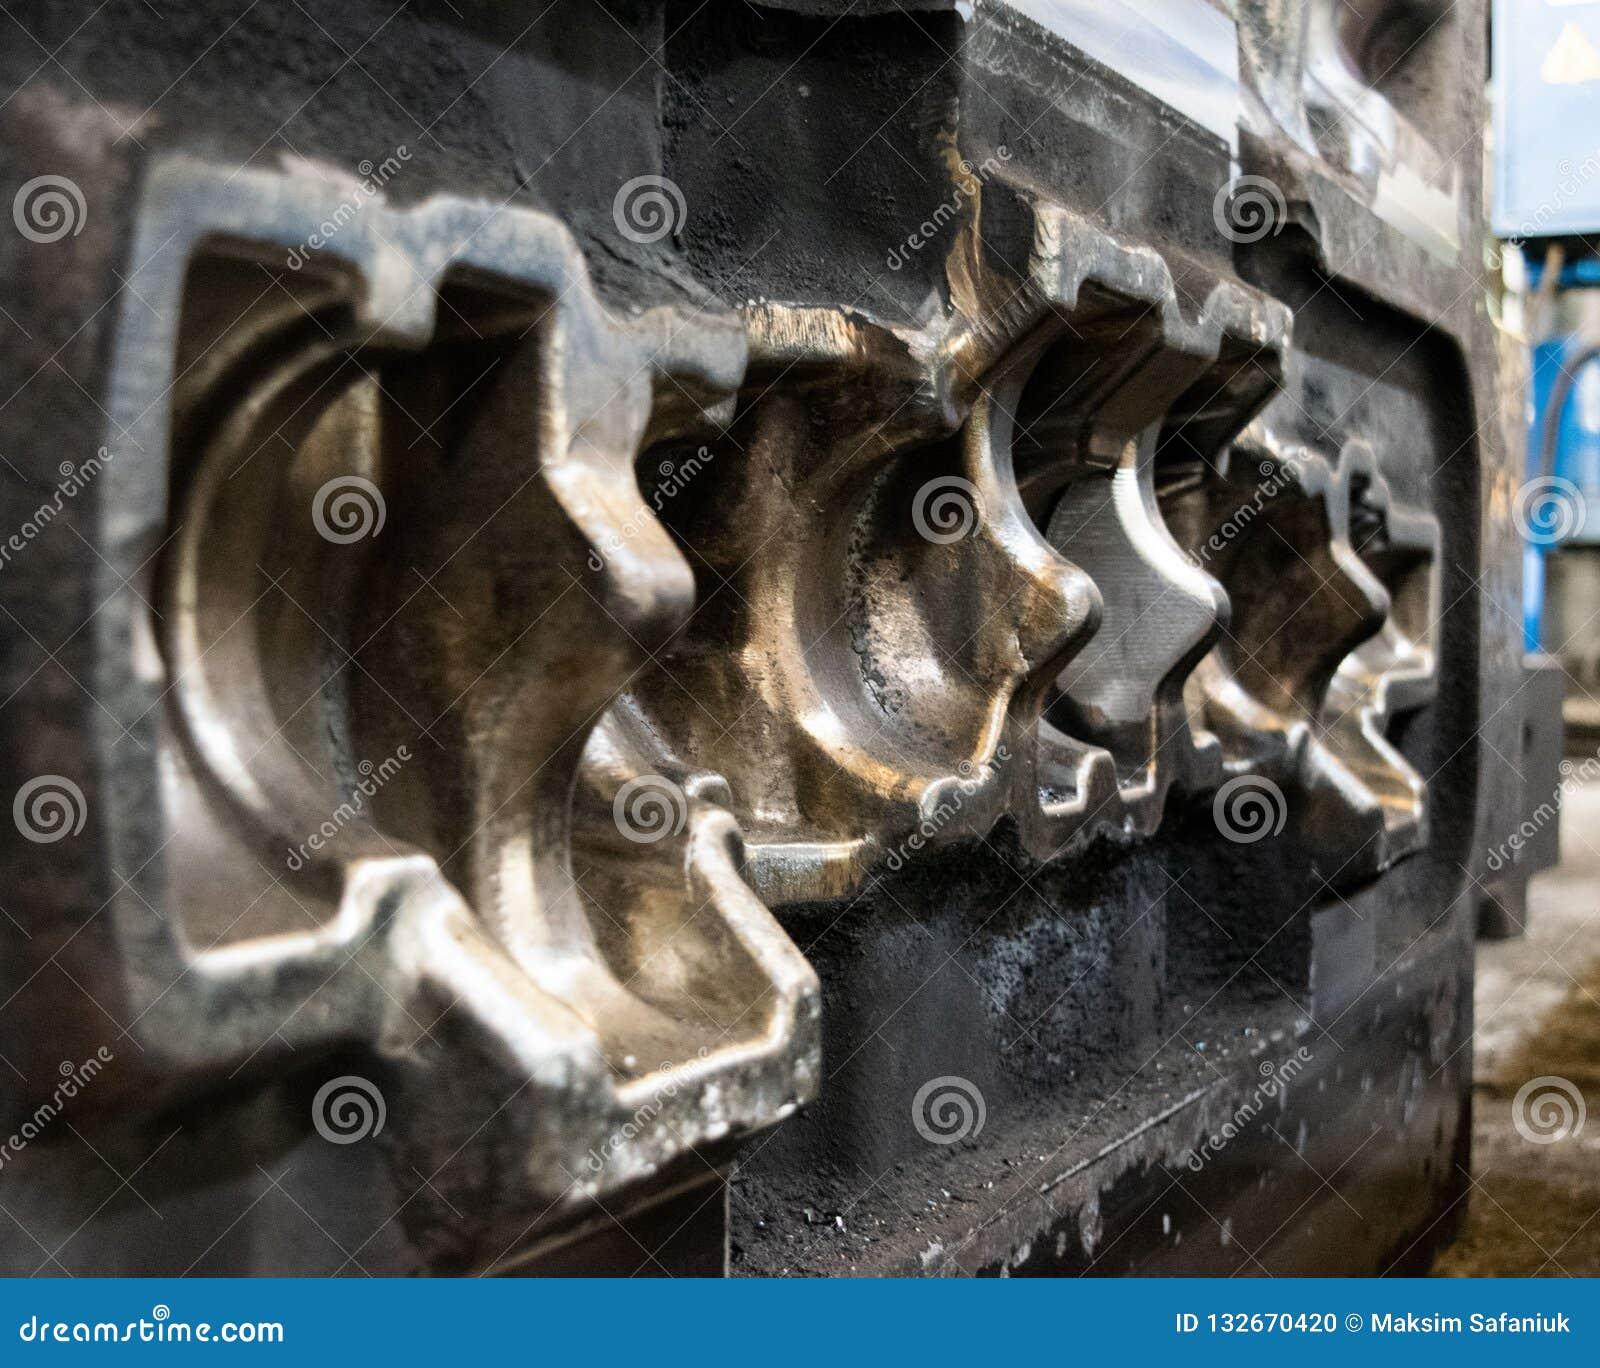 Η φόρμα κύβων υψηλής ακρίβειας για τη ρίψη των αυτοκίνητων μερών αλουμινίου κάνει με το χάλυβα μετάλλων σιδήρου από τη διάτρηση ά